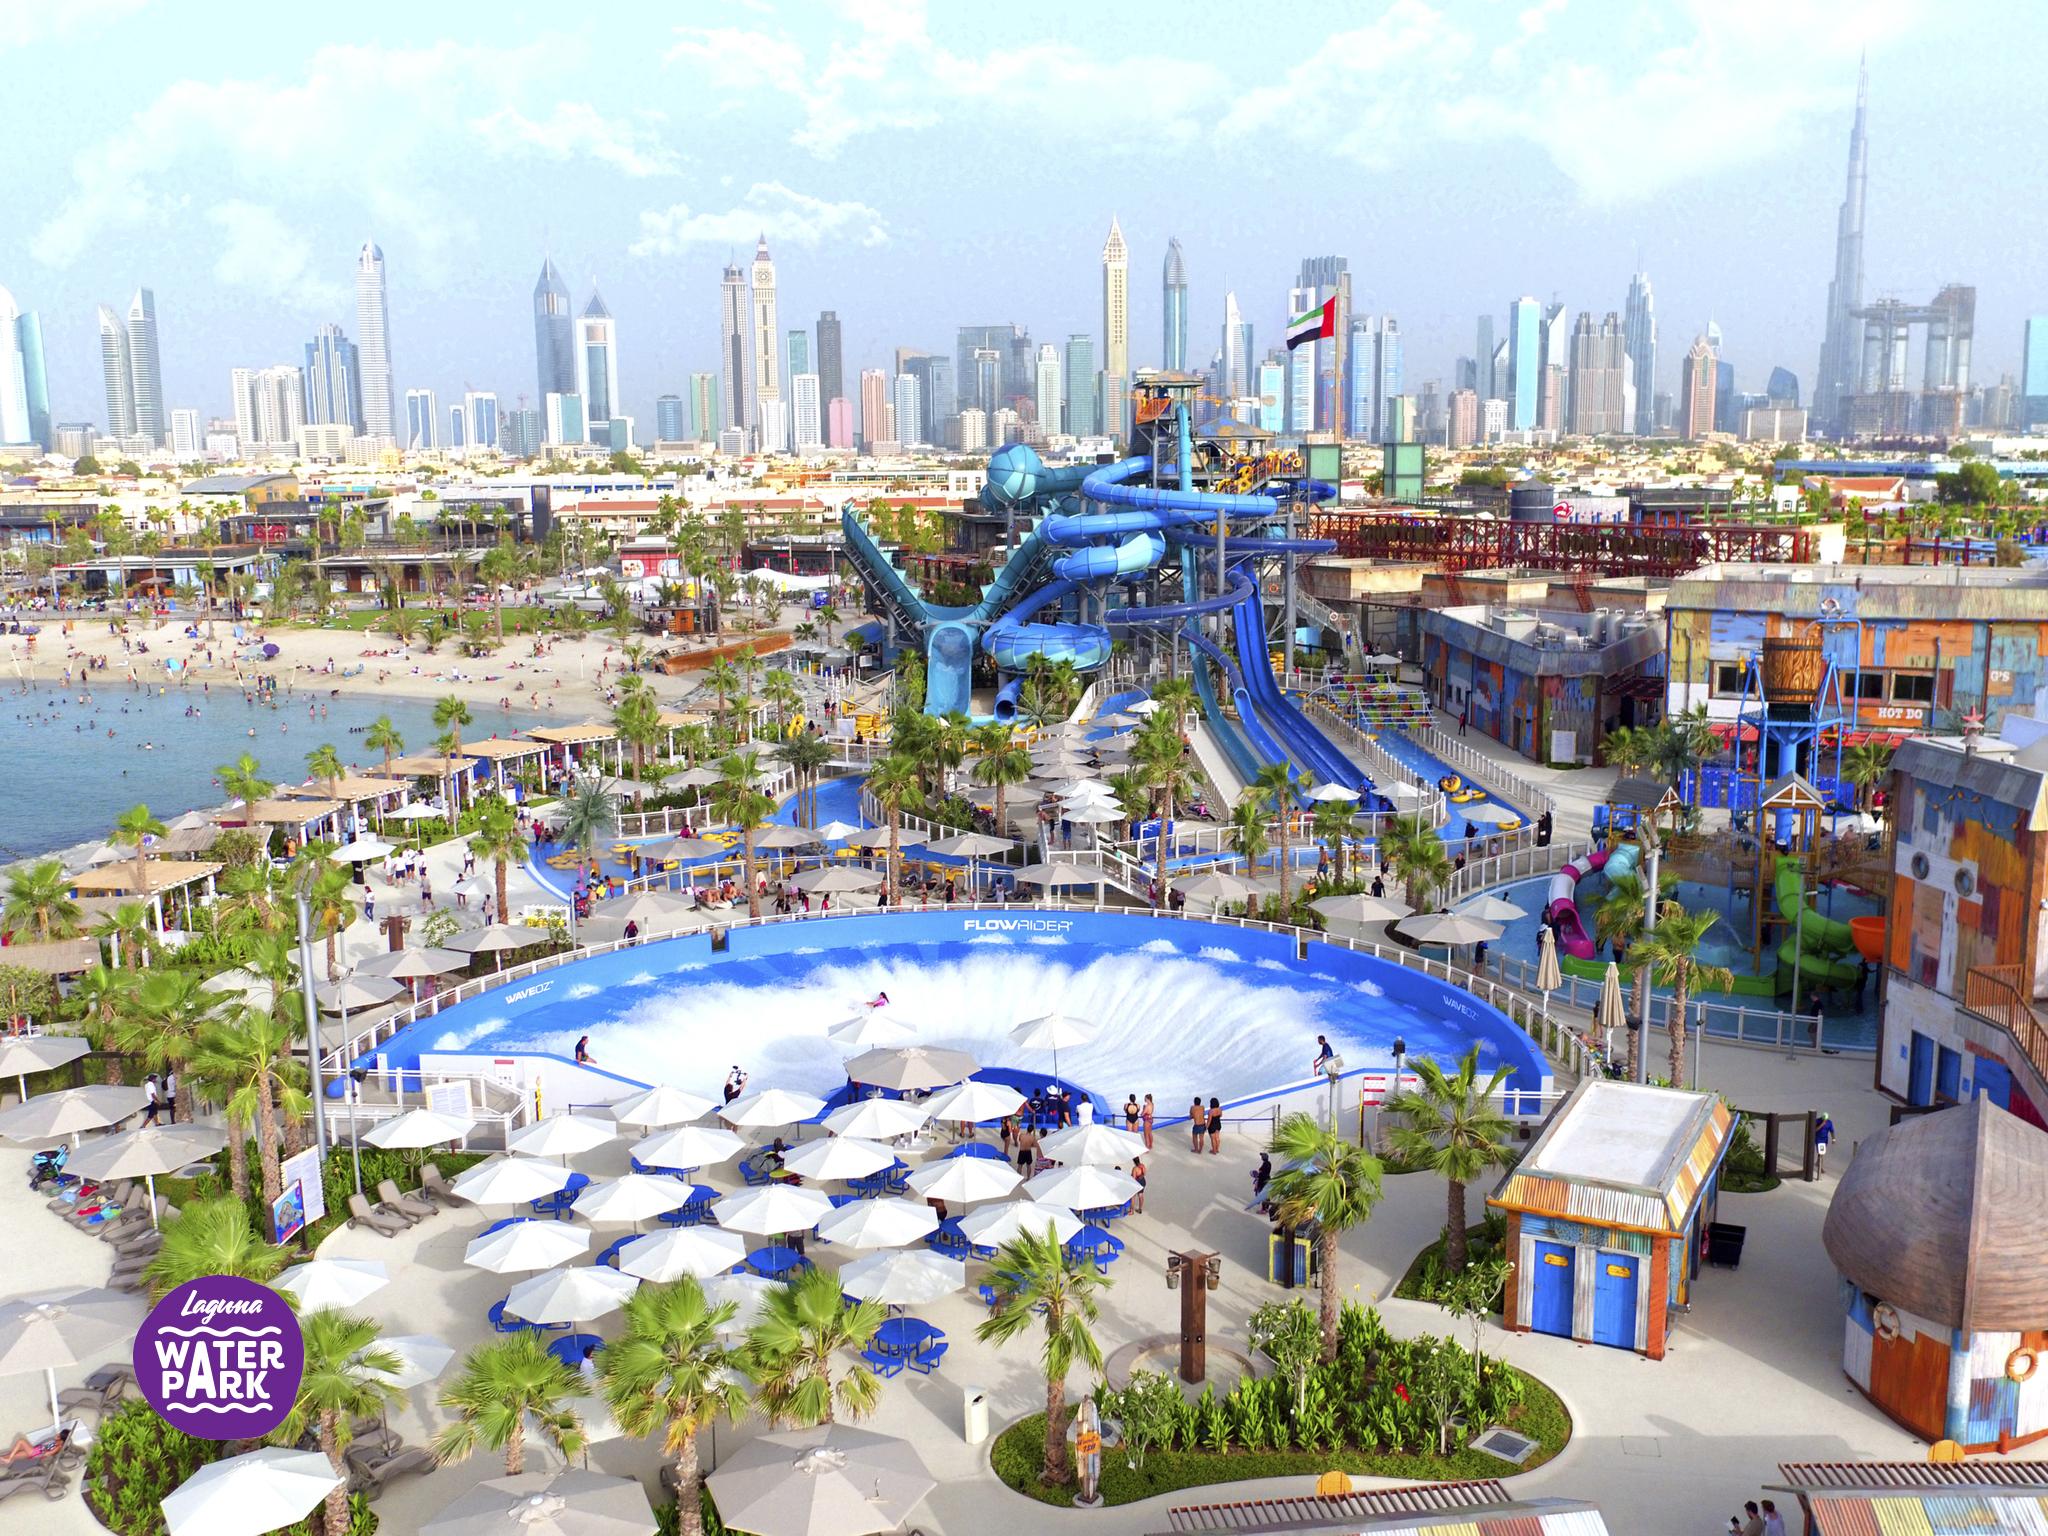 حديقة لاجونا ووتر بارك المائية تحتضن فعالية ميجا برانش 2020